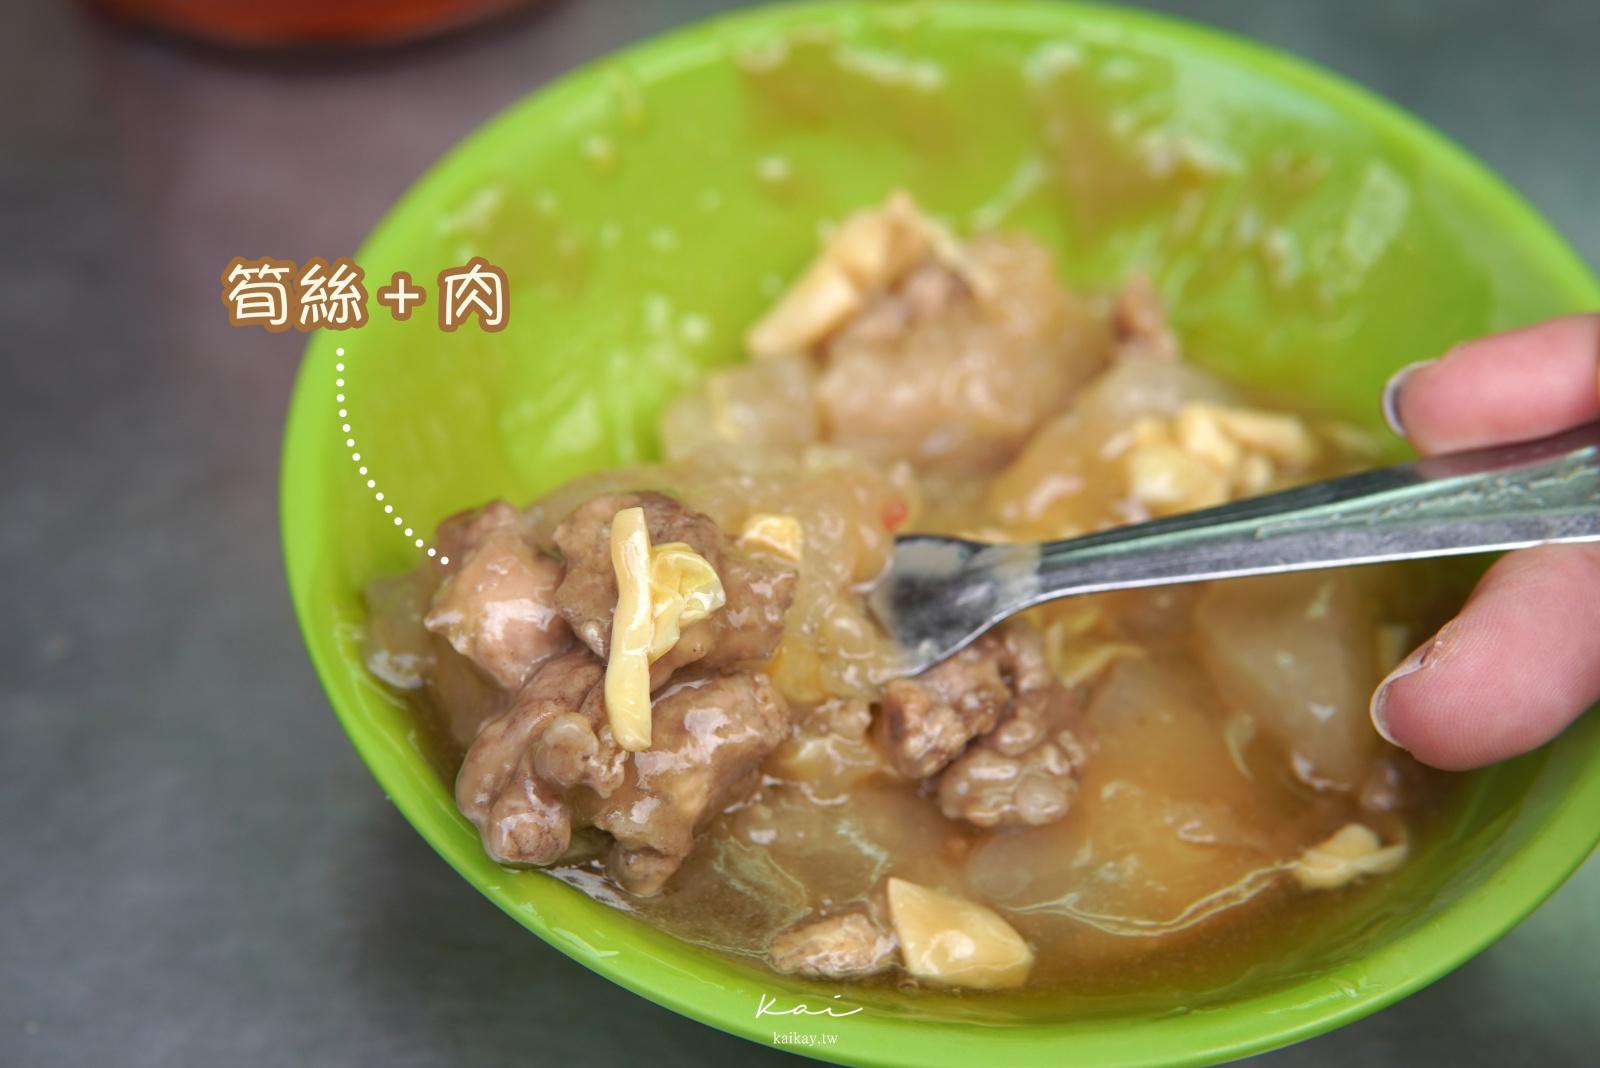 ☆【台北|北投站】在地人這樣點:「全肉、加蒜」。北投嘉義肉圓隱藏版菜單